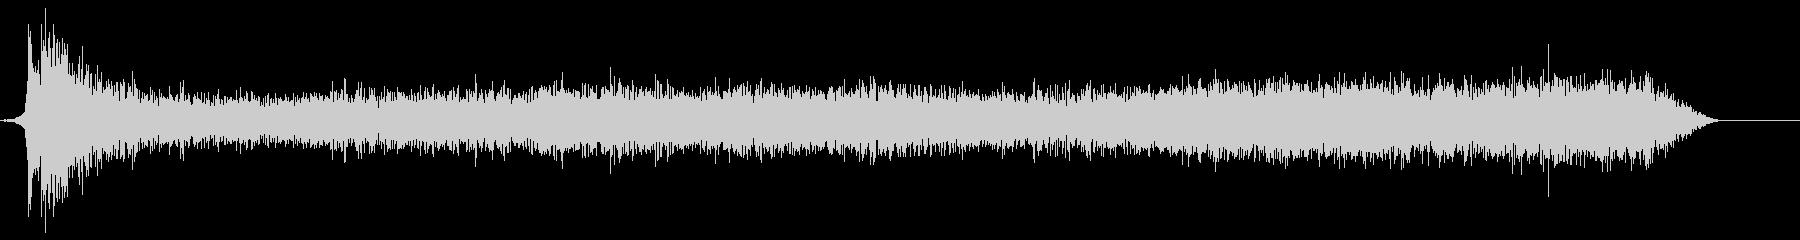 ウィーーン(発進音、長)の未再生の波形